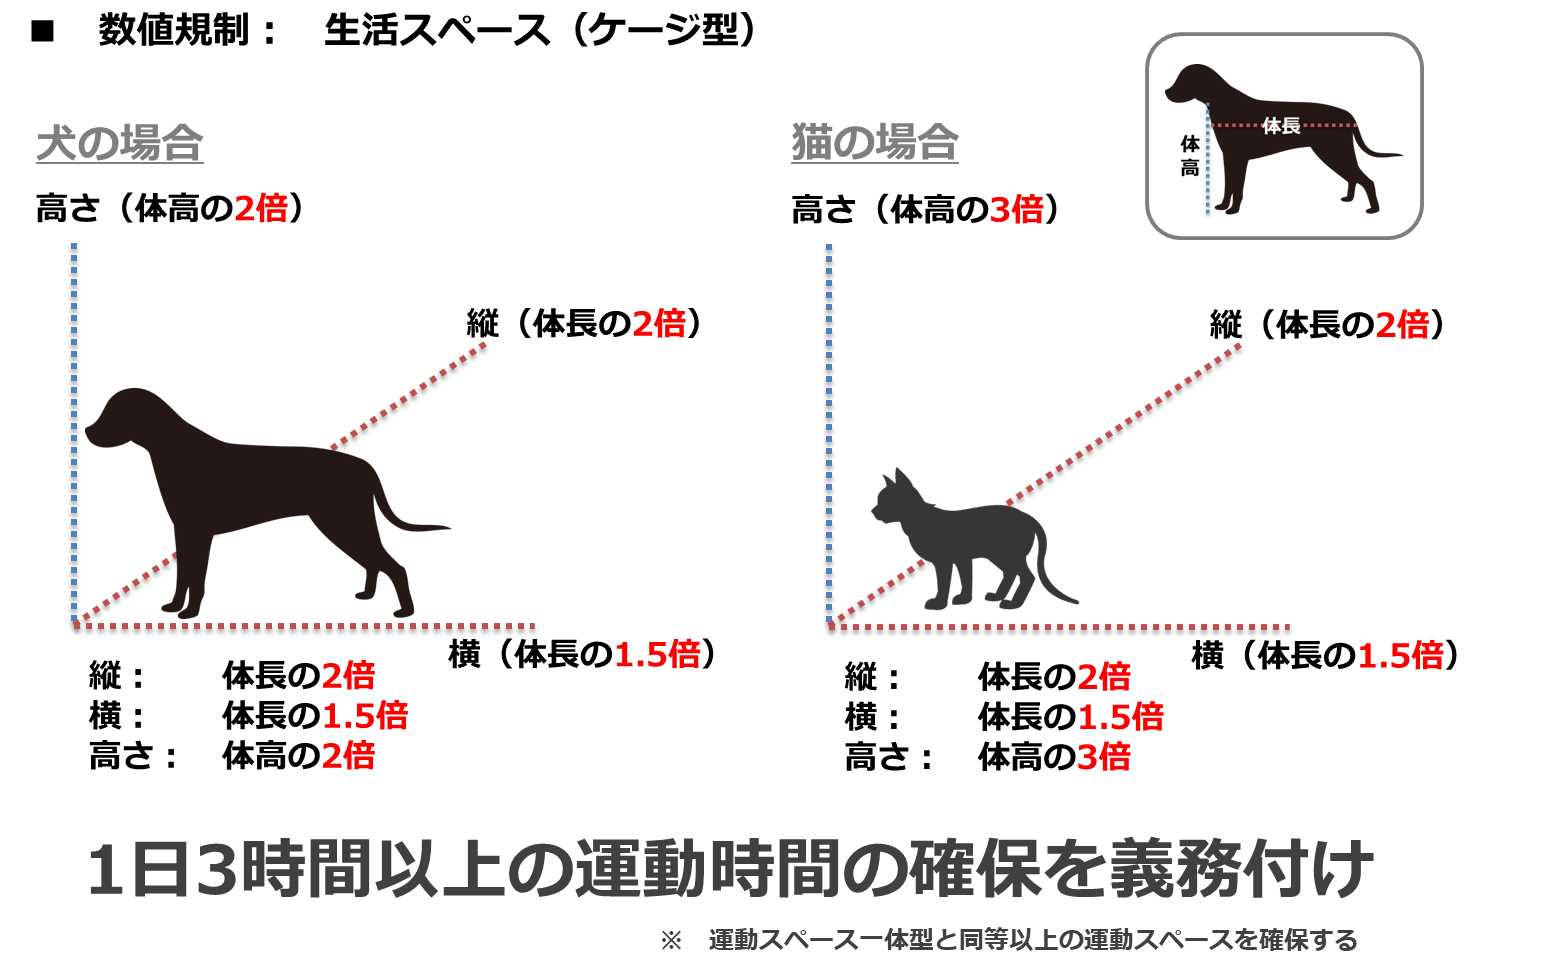 数値規制(飼育環境、ケージ型